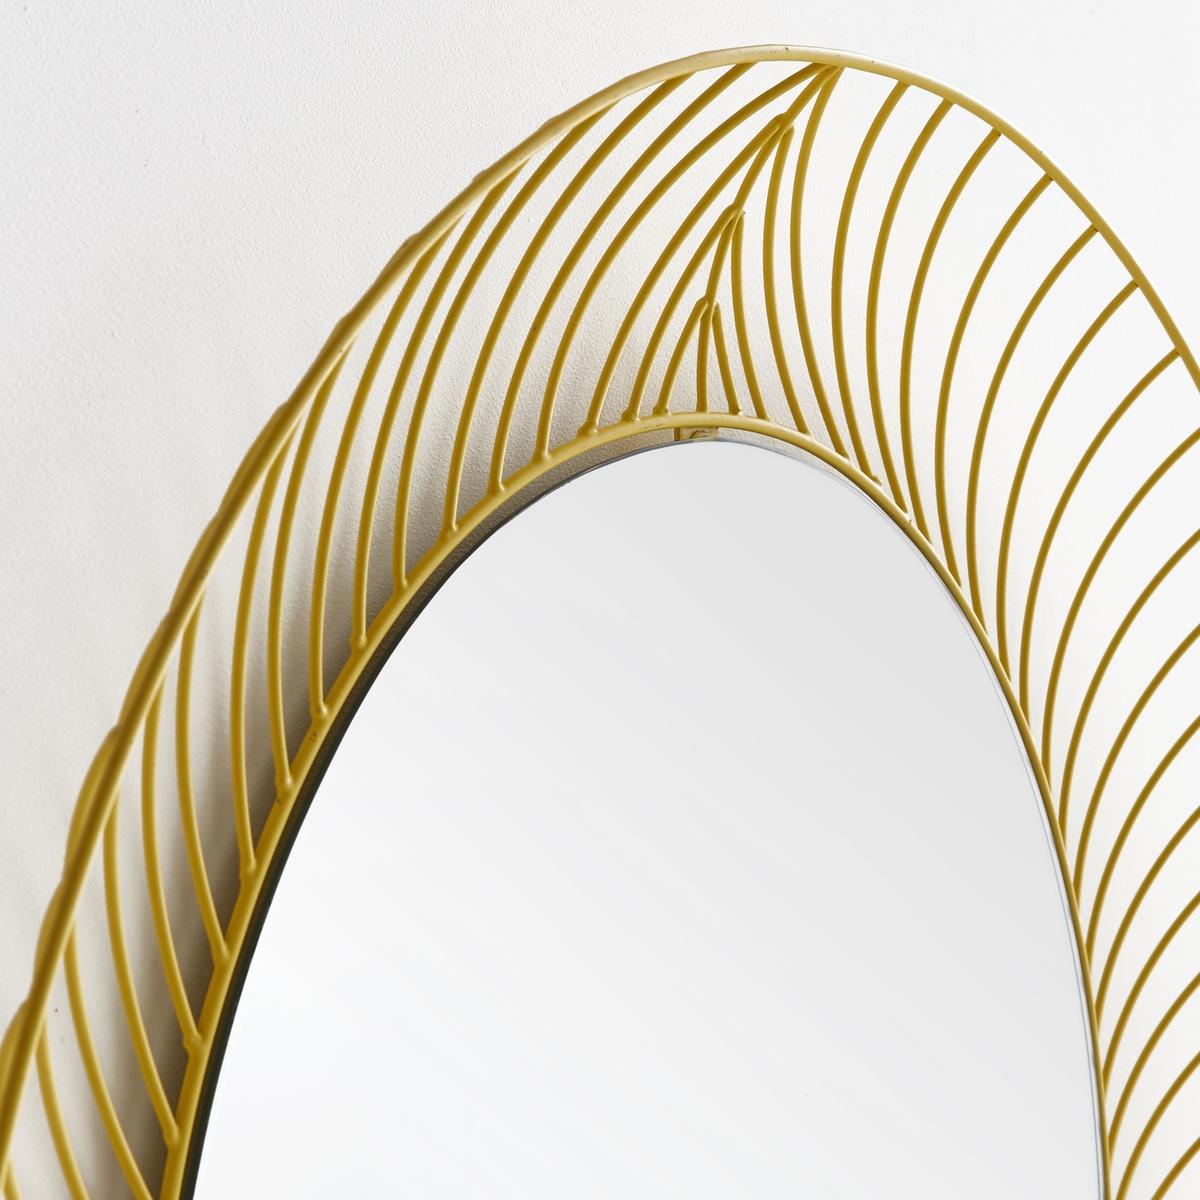 Зеркало овальное Stilk, дизайн от Colonel для Serax, Ш.65 x В.80 смХарактеристики :- Зеркало в оправе из спаянных стальных проволок- Отделка желтой эпоксидной краскойРазмеры  : - Ш.65 x В.80 x Г.6 см<br><br>Цвет: желтый